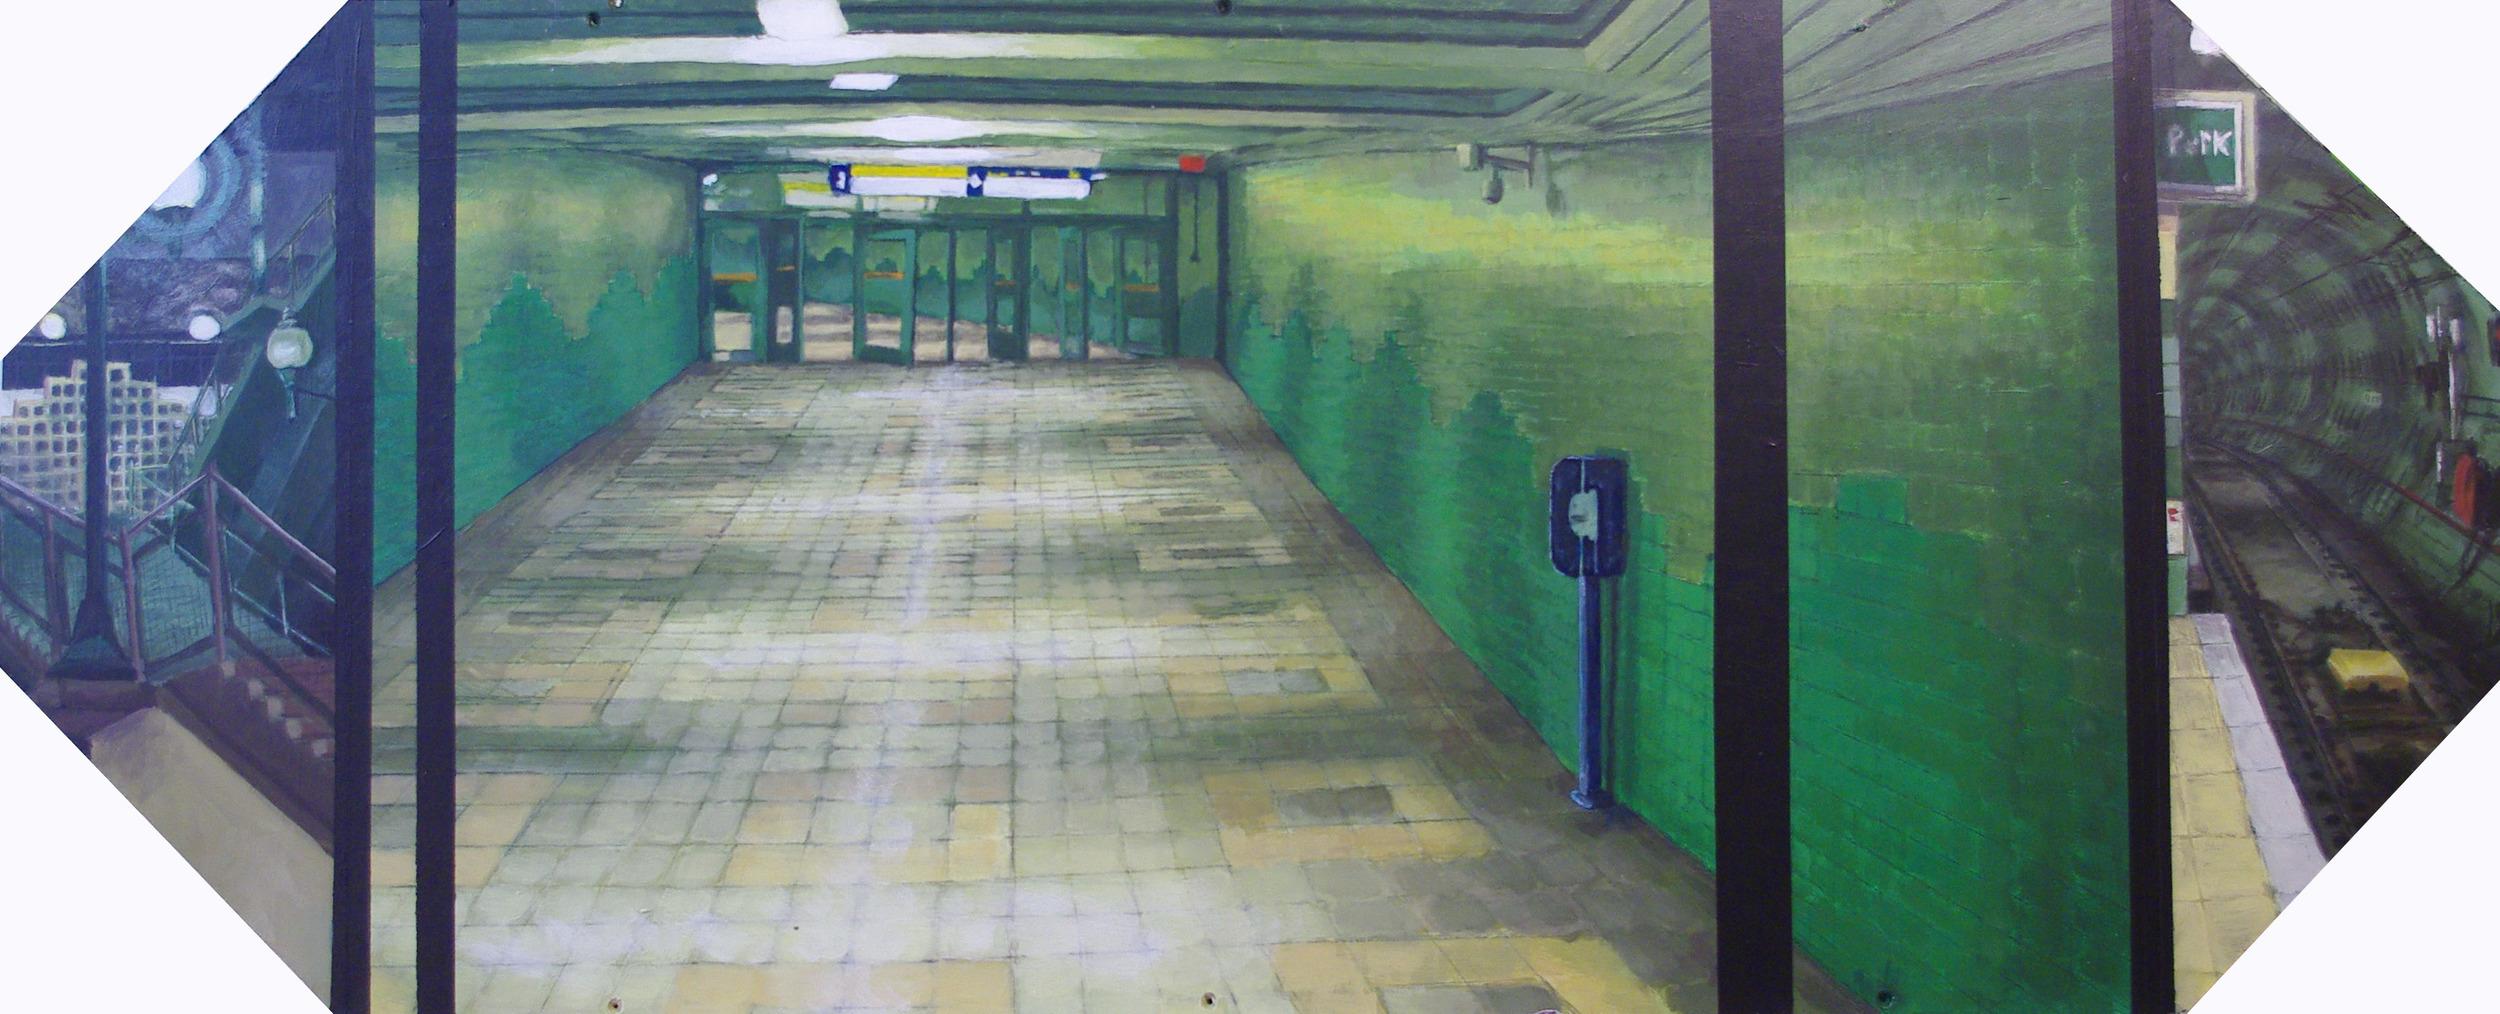 Intersect Subway Night,  Riley Tenove, 2015